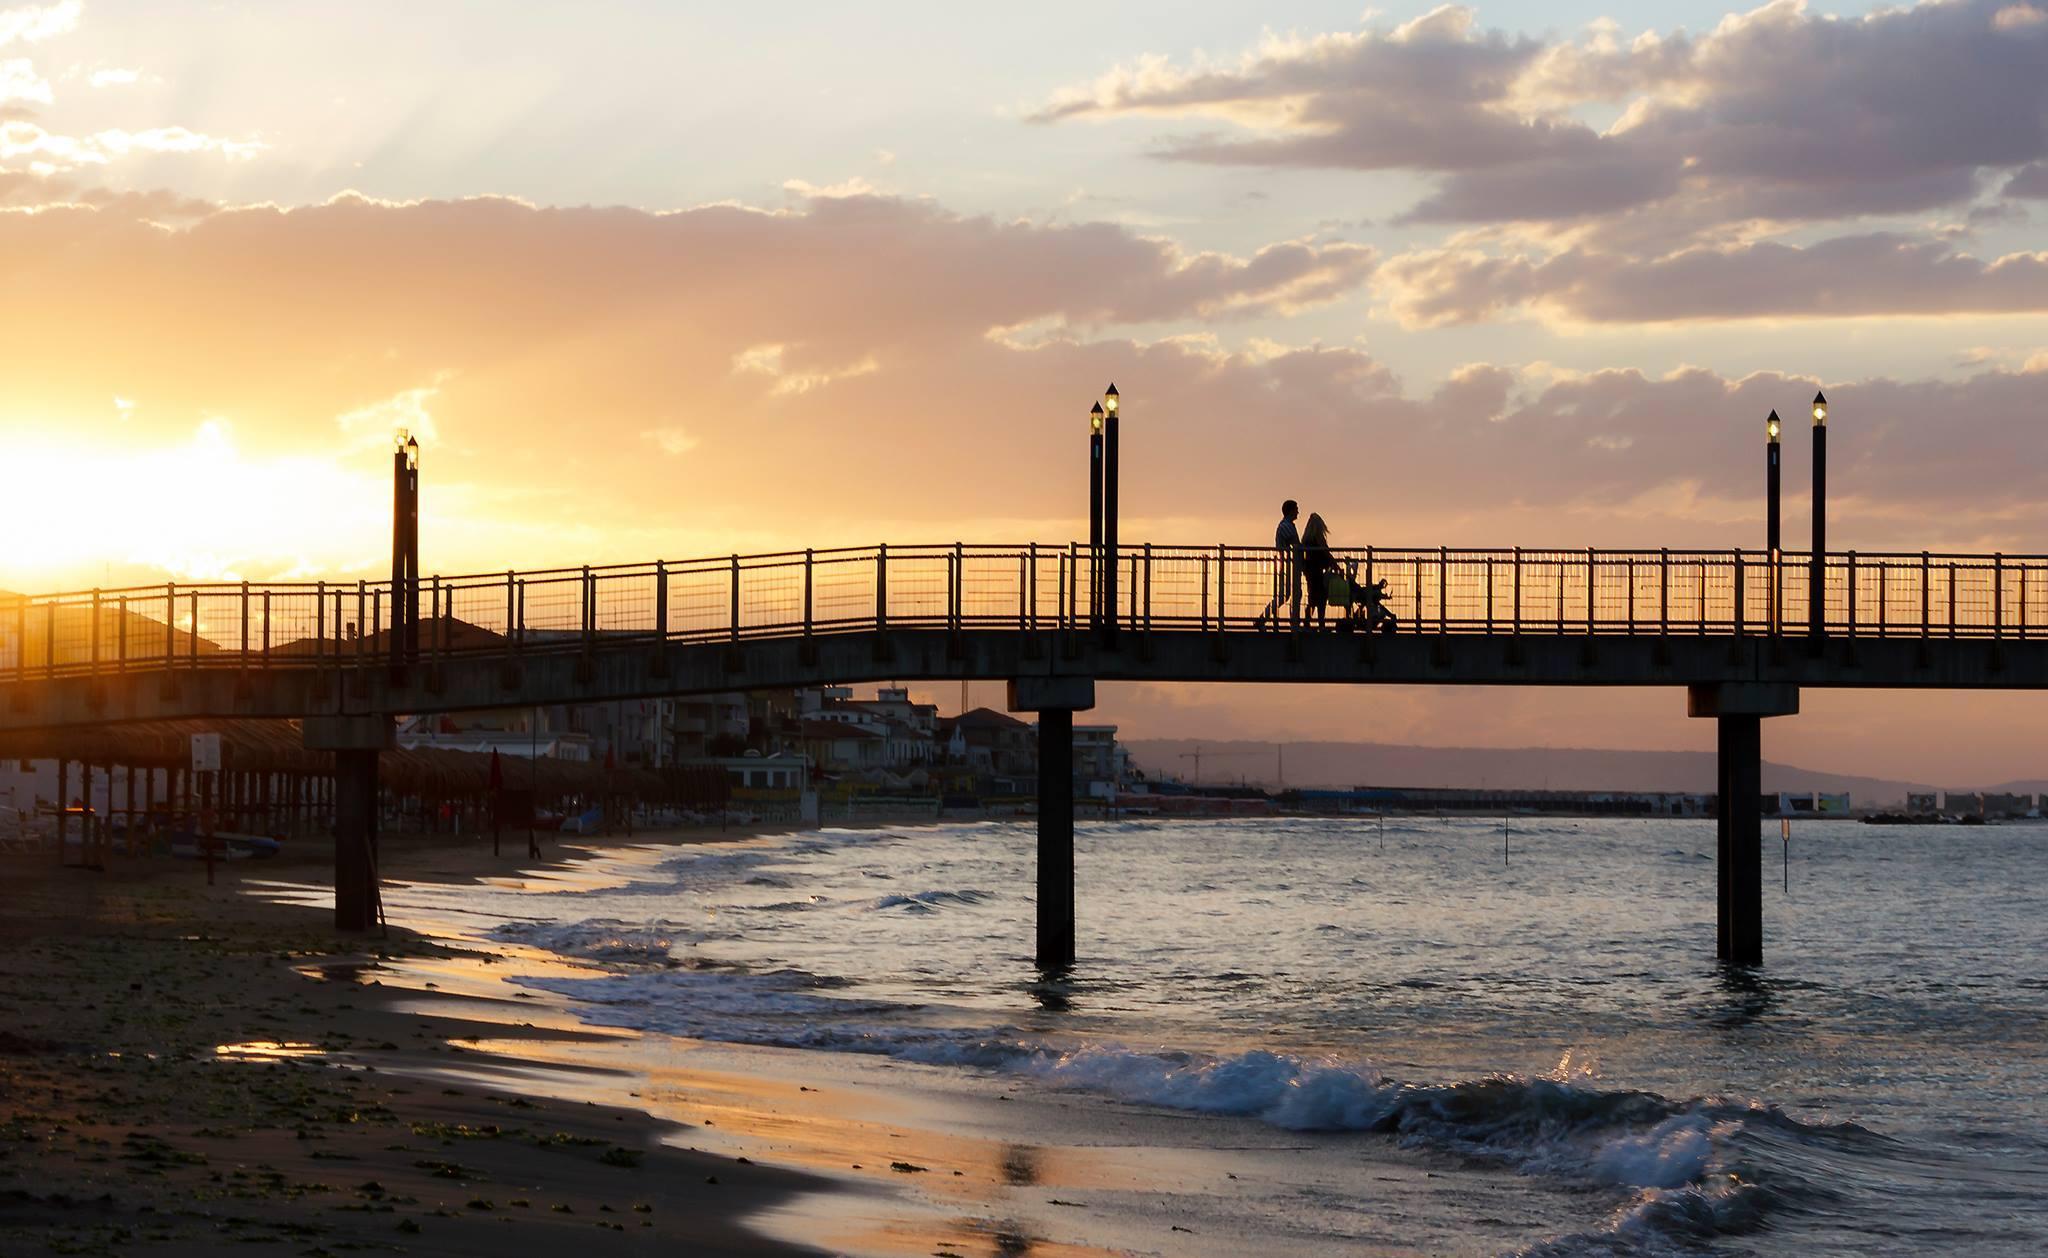 Verso il tramonto francavilla al mare for Mobilia arredamenti francavilla al mare